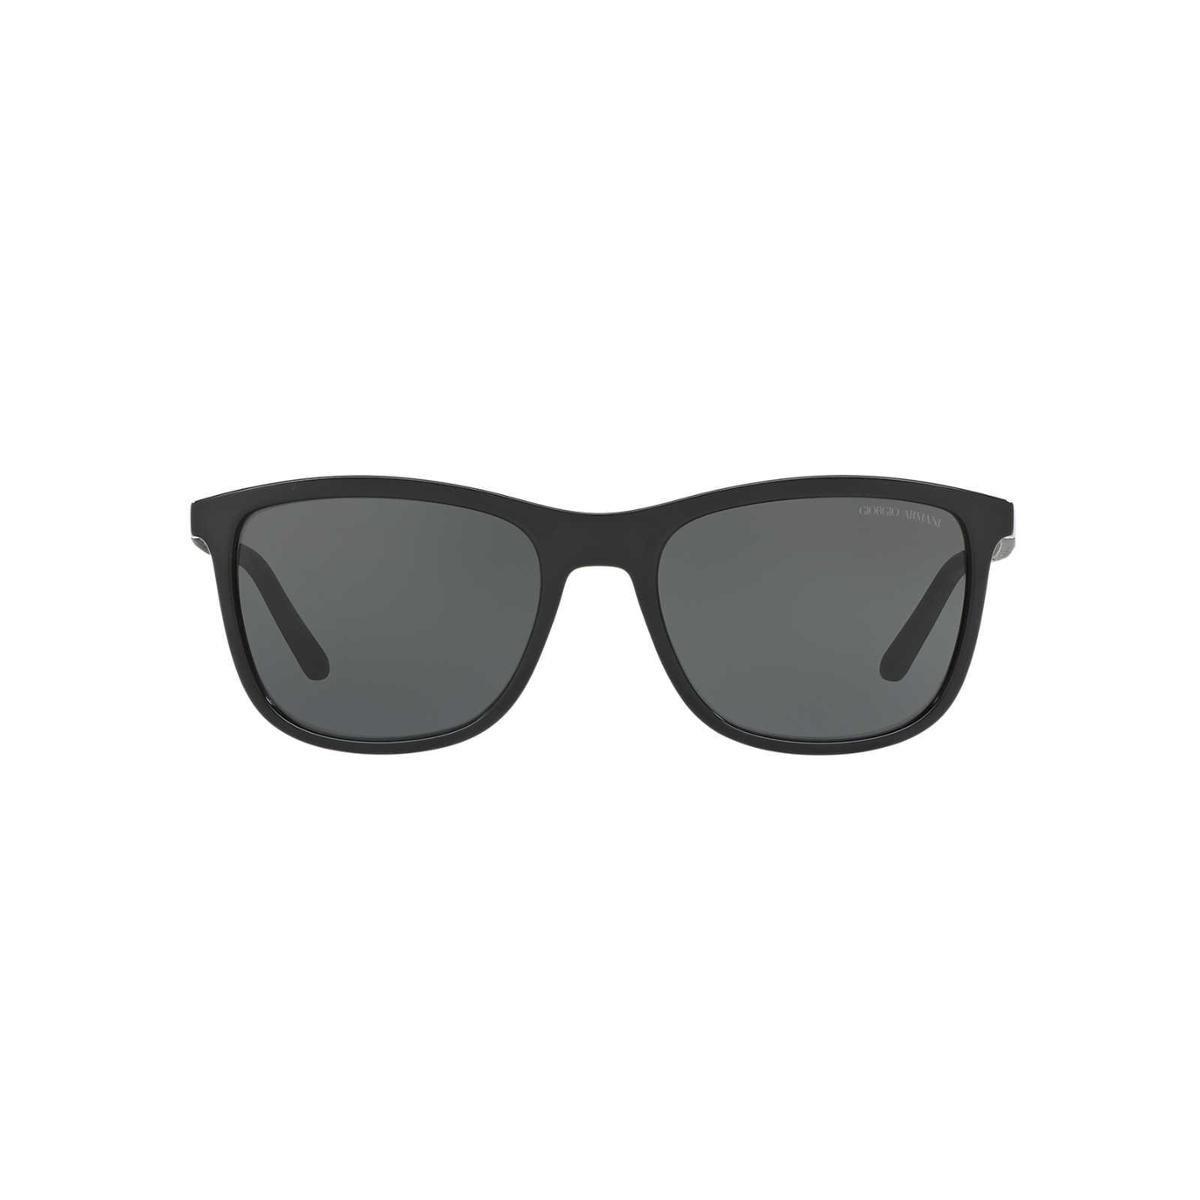 fb672ff88fb29 Óculos de Sol Giorgio Armani Quadrado - Compre Agora   Zattini